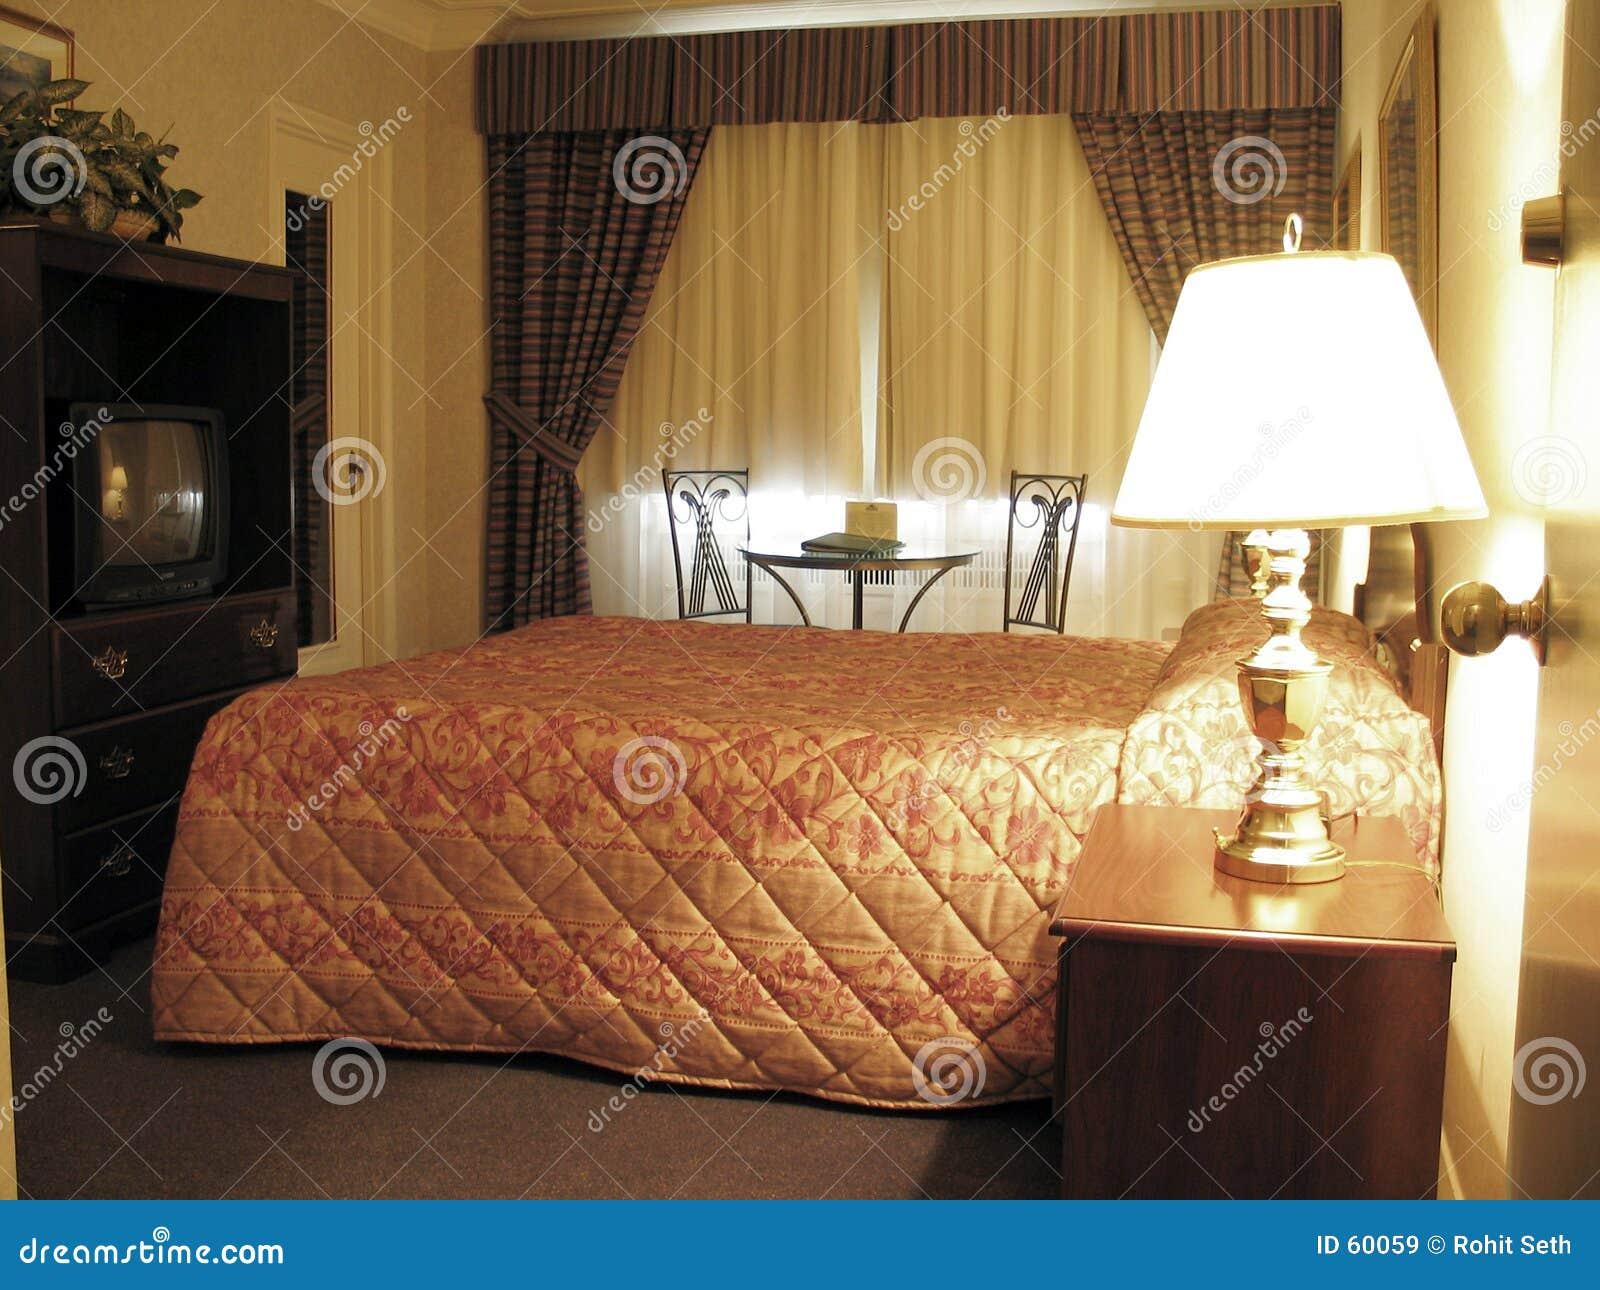 Download Chambre d'hôtel image stock. Image du course, intérieur - 60059